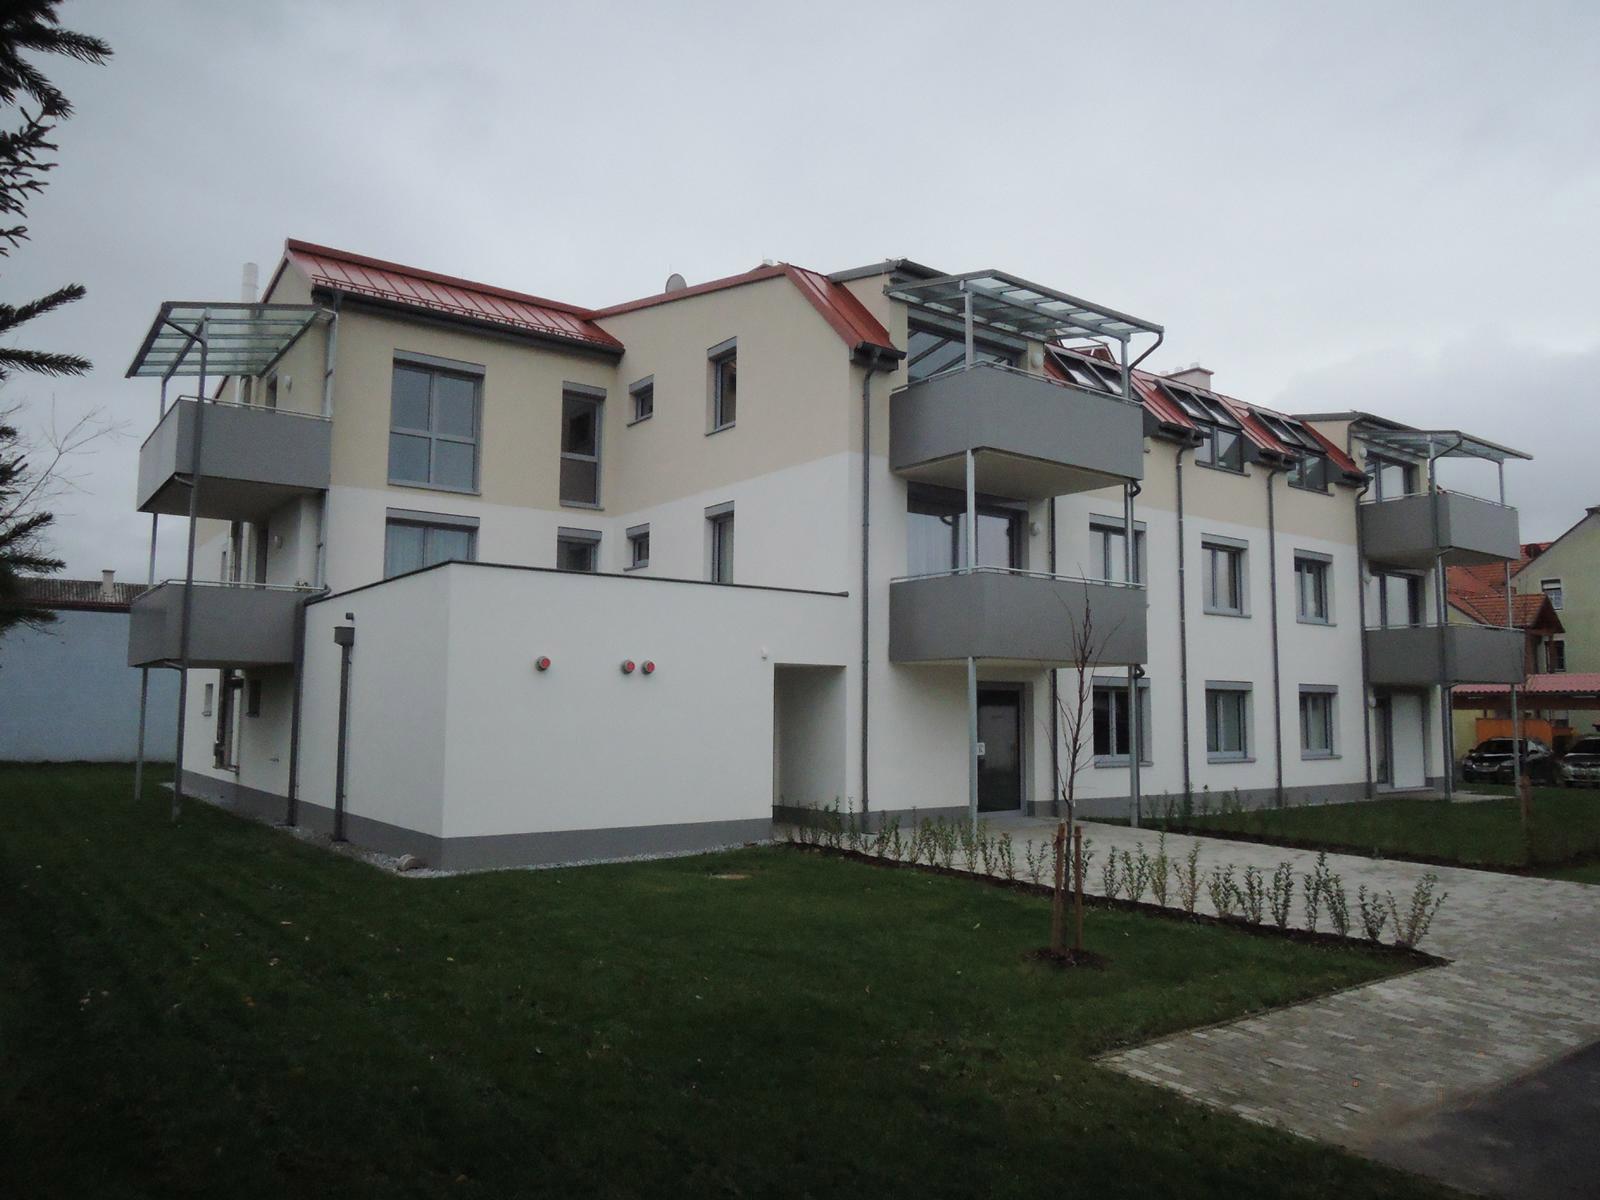 Immobilie von Kamptal in 3754 Irnfritz, Horn, Irnfritz II/3 - Top 308 #10